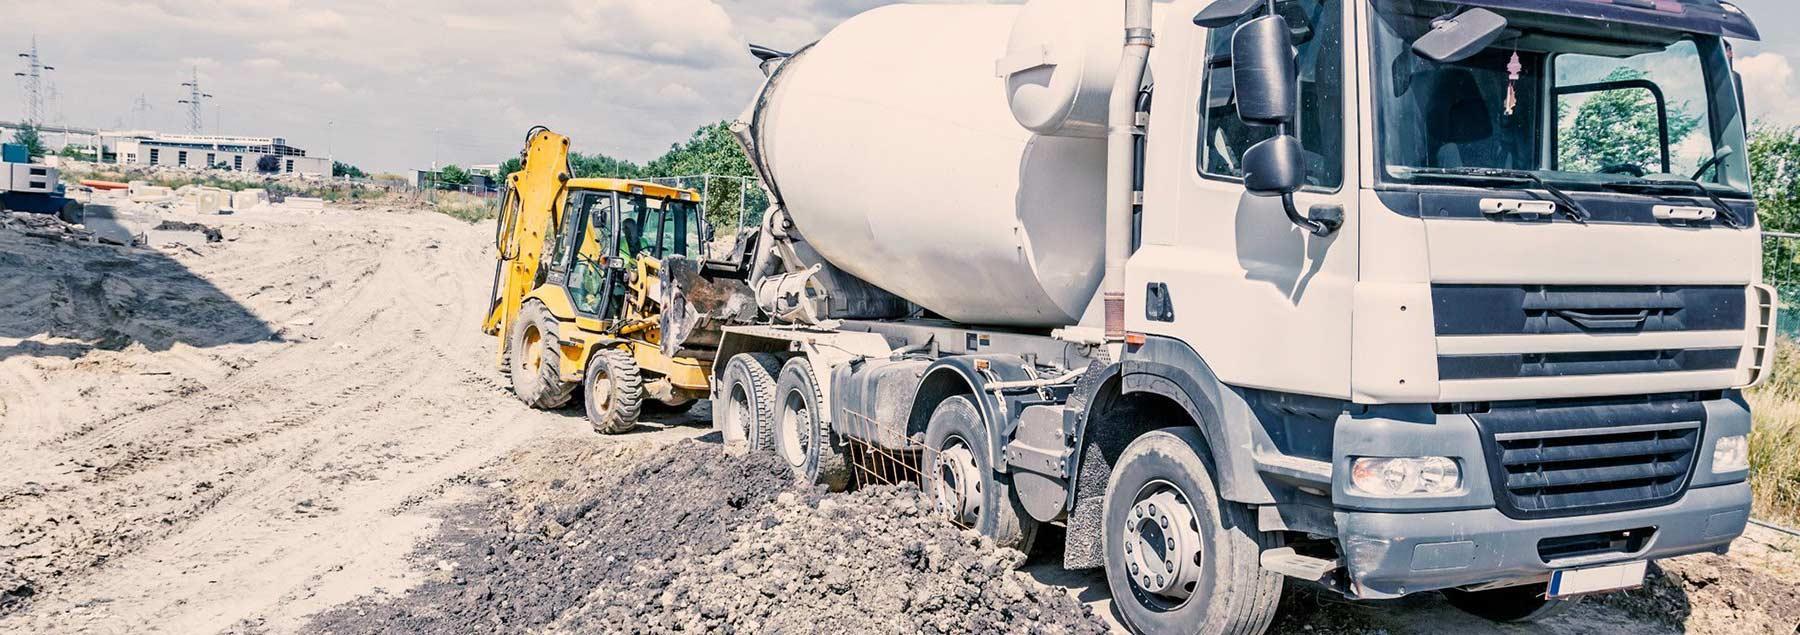 Протоколы испытаний бетонных смесей бетон ж2